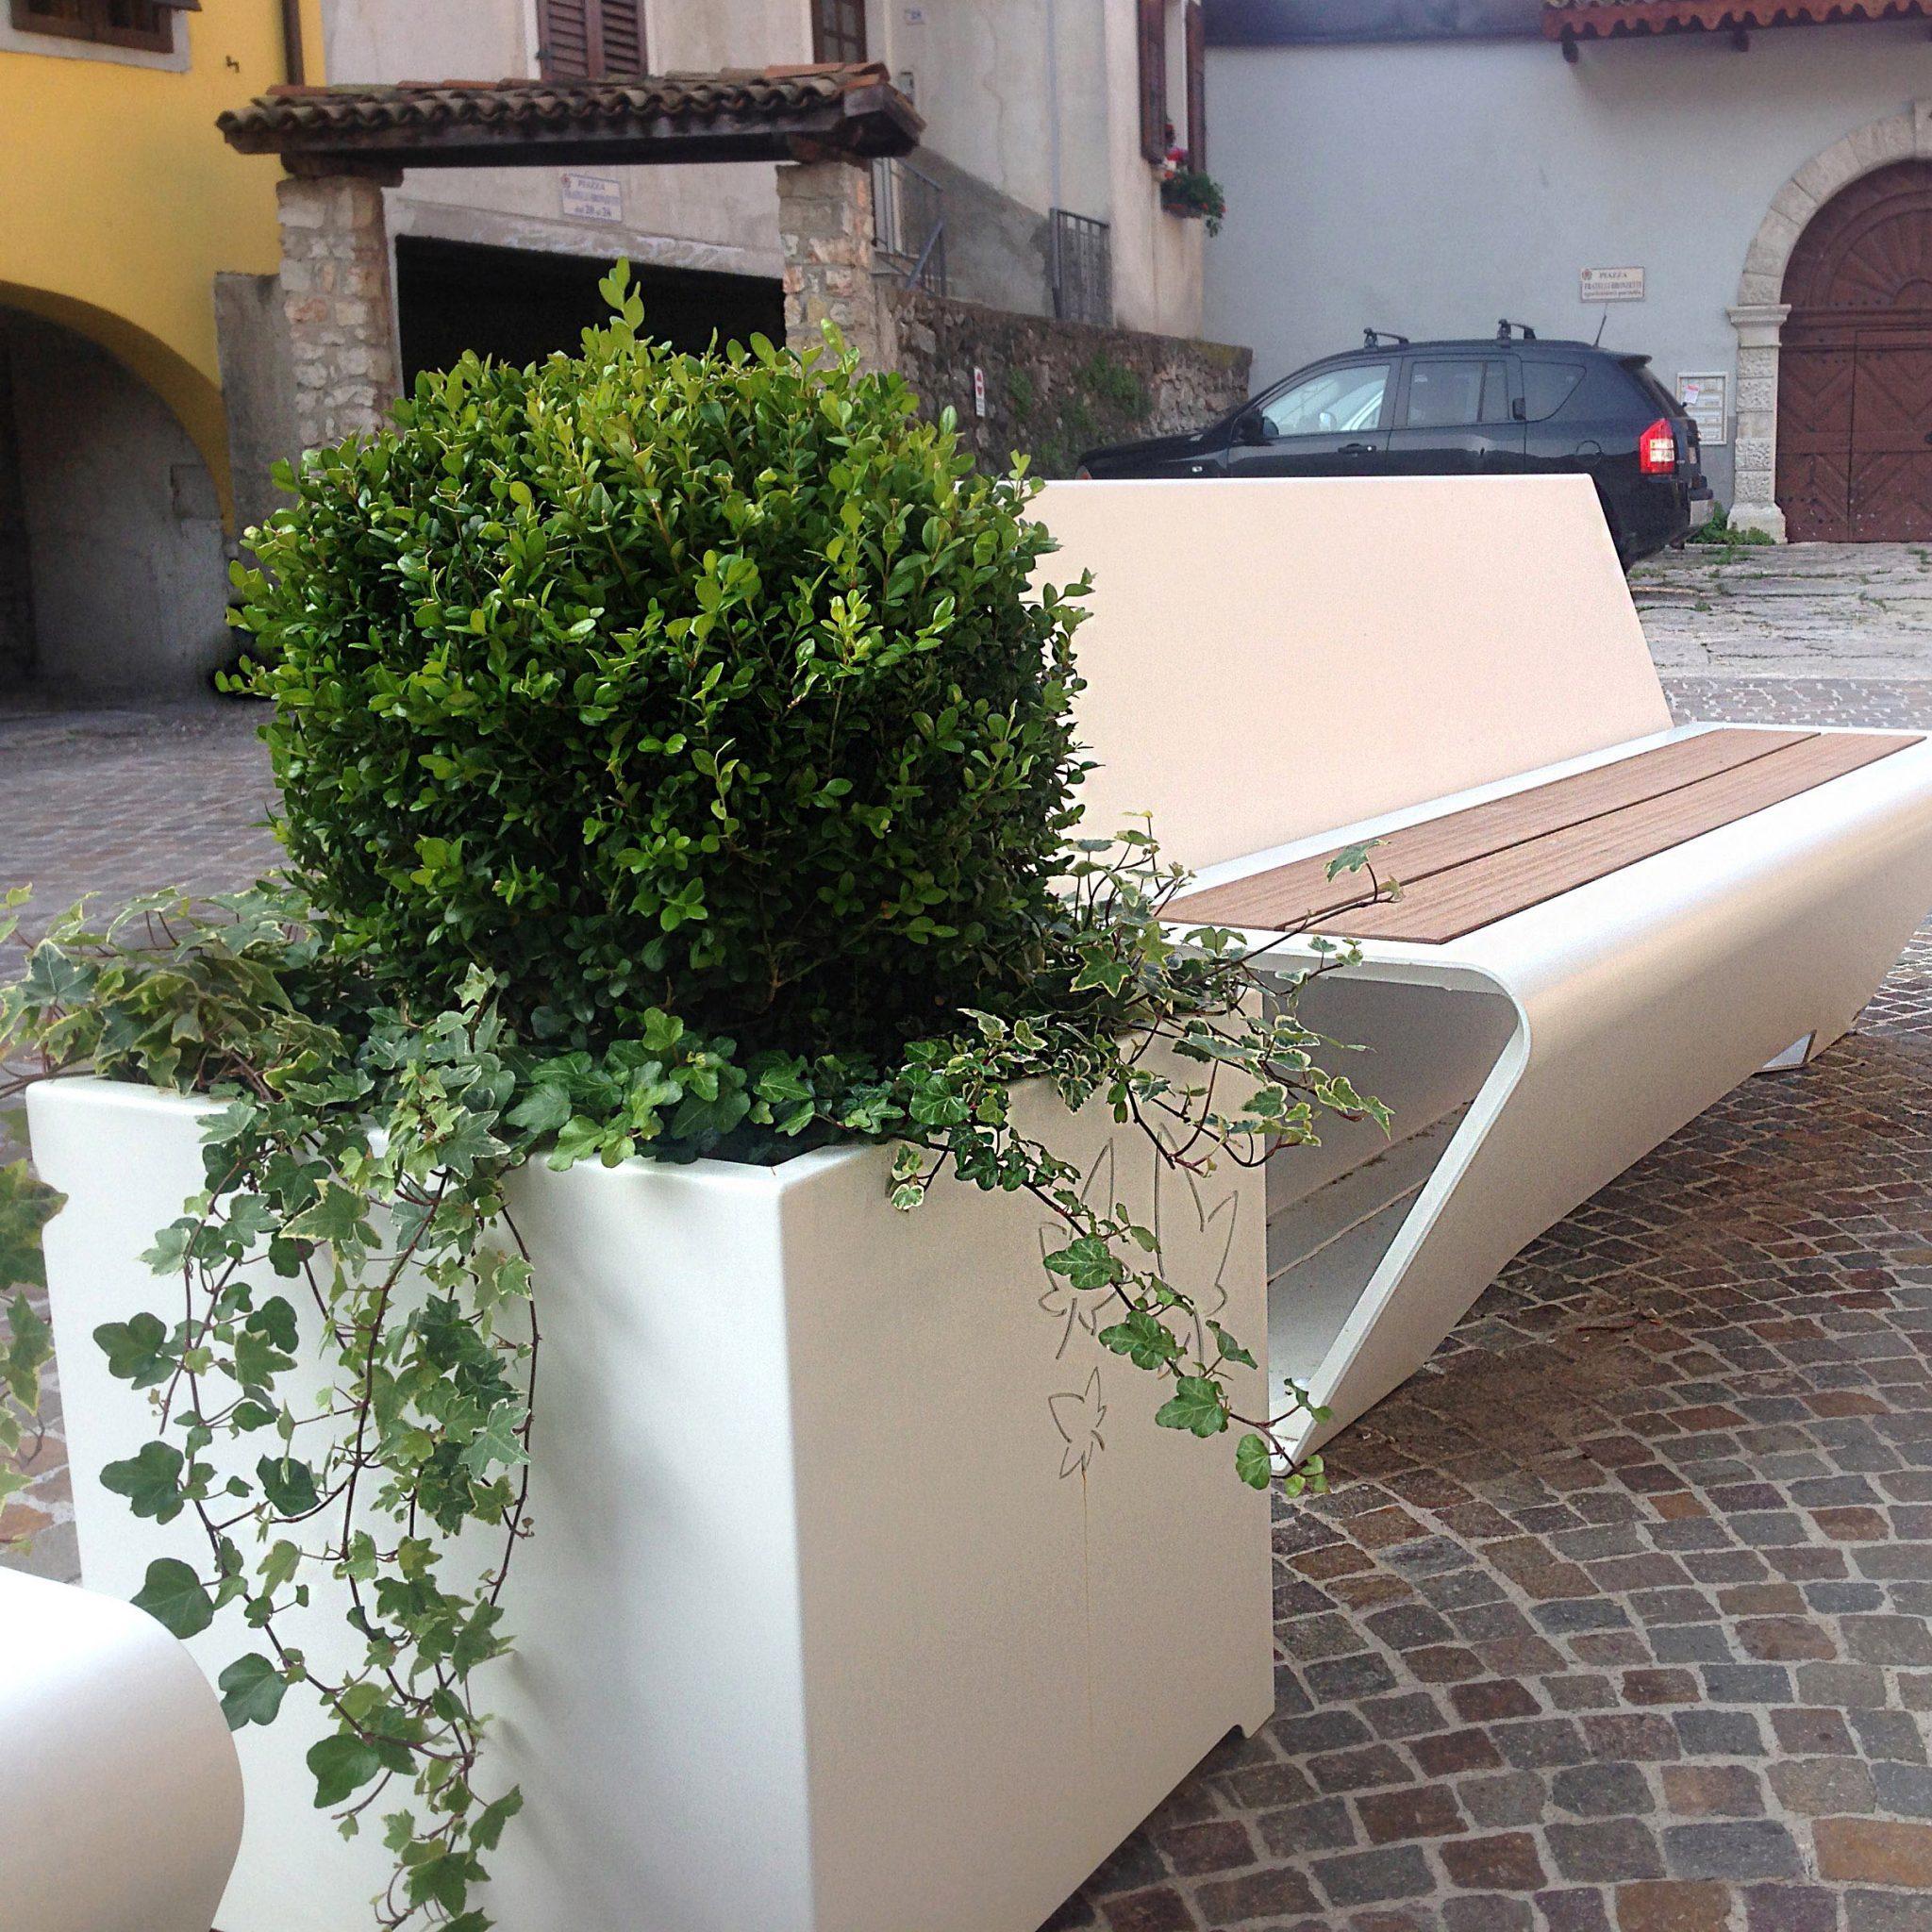 arredo-urbano-fioriera-leaves NAGO-TORBOLE LAGO DI GARDA